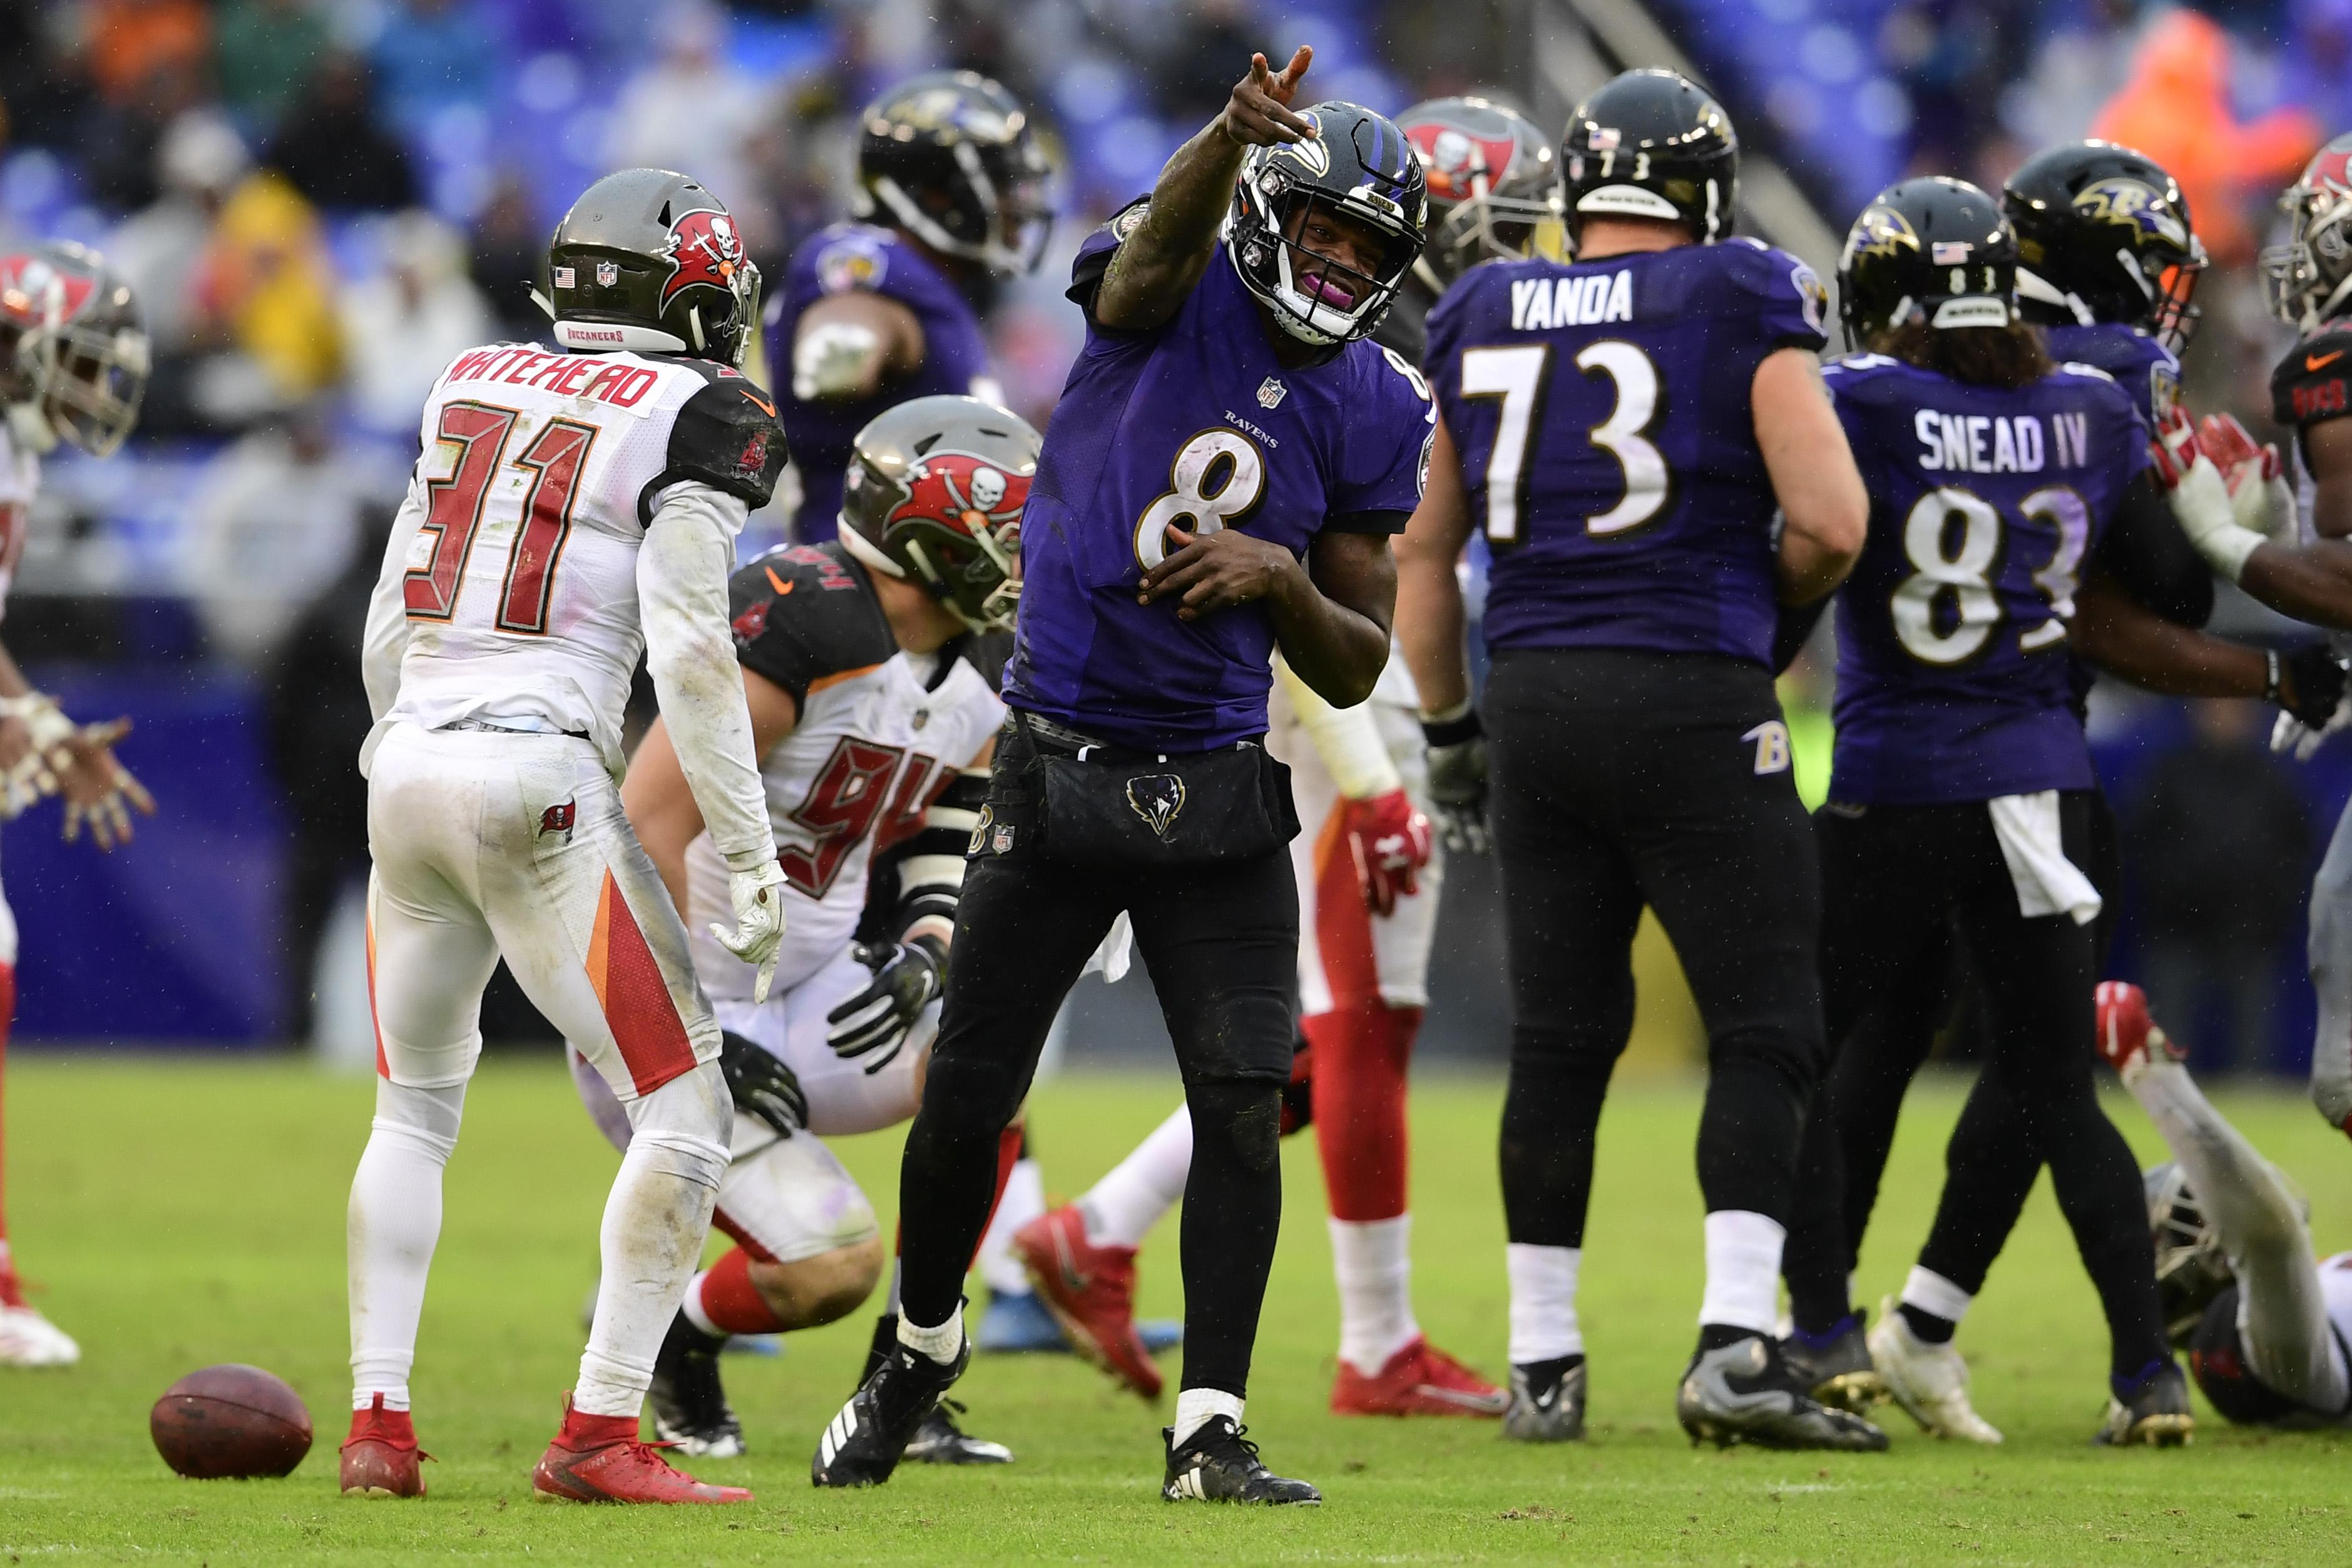 Refocused, NFL Week 15: Baltimore Ravens 20, Tampa Bay Buccaneers 12